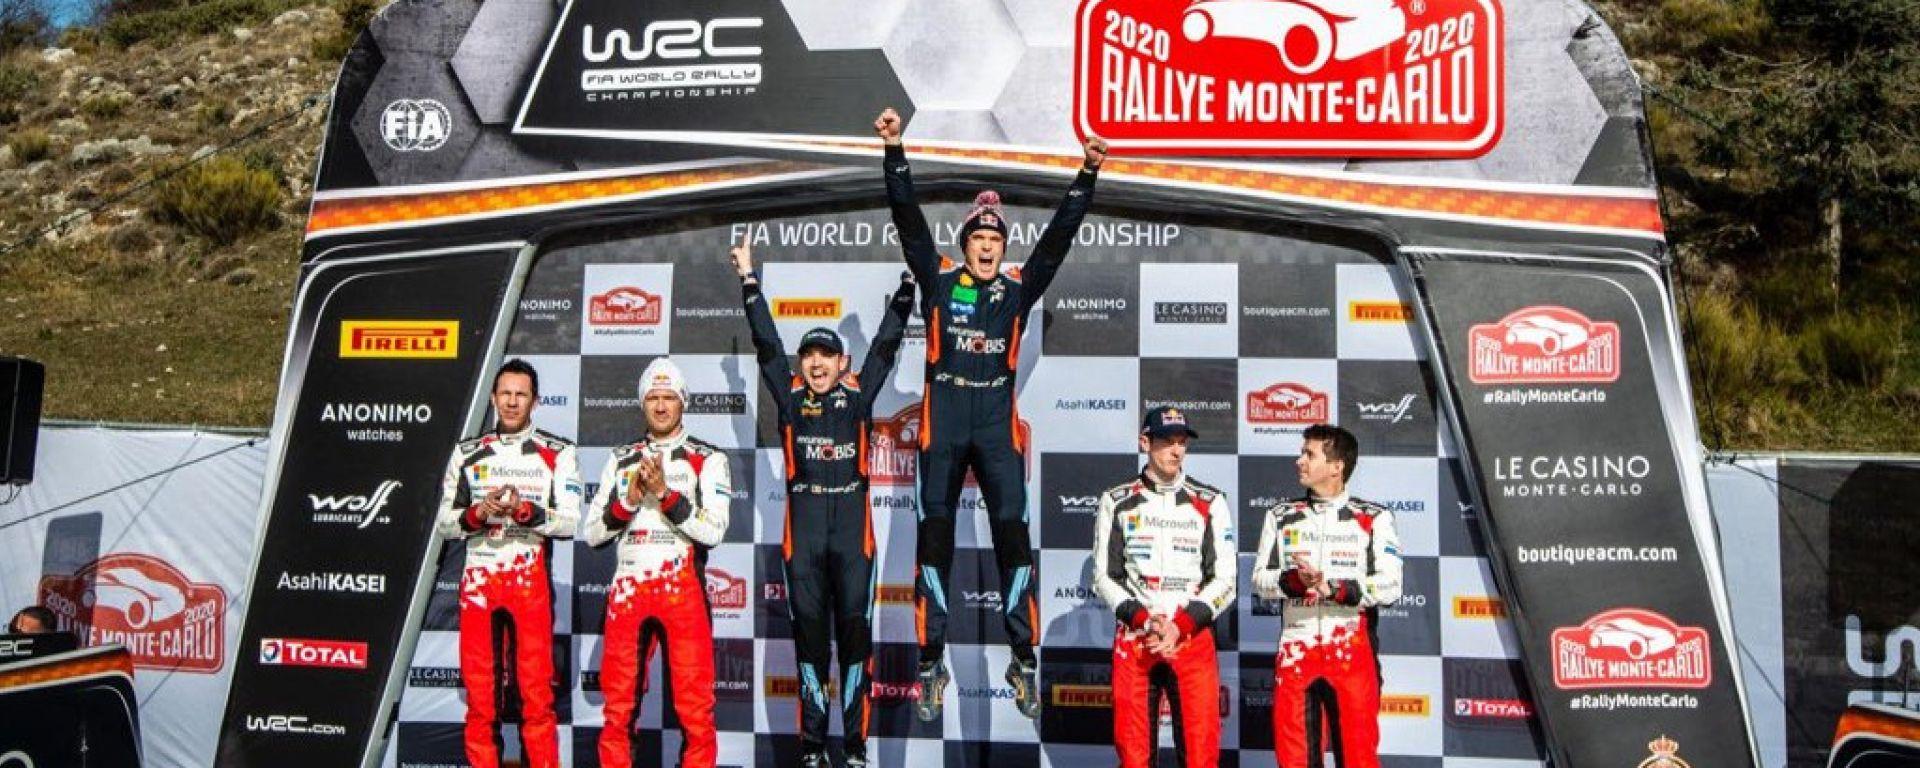 WRC, rally Montecarlo 2020: il podio della gara con Neuville, Ogier e Evans